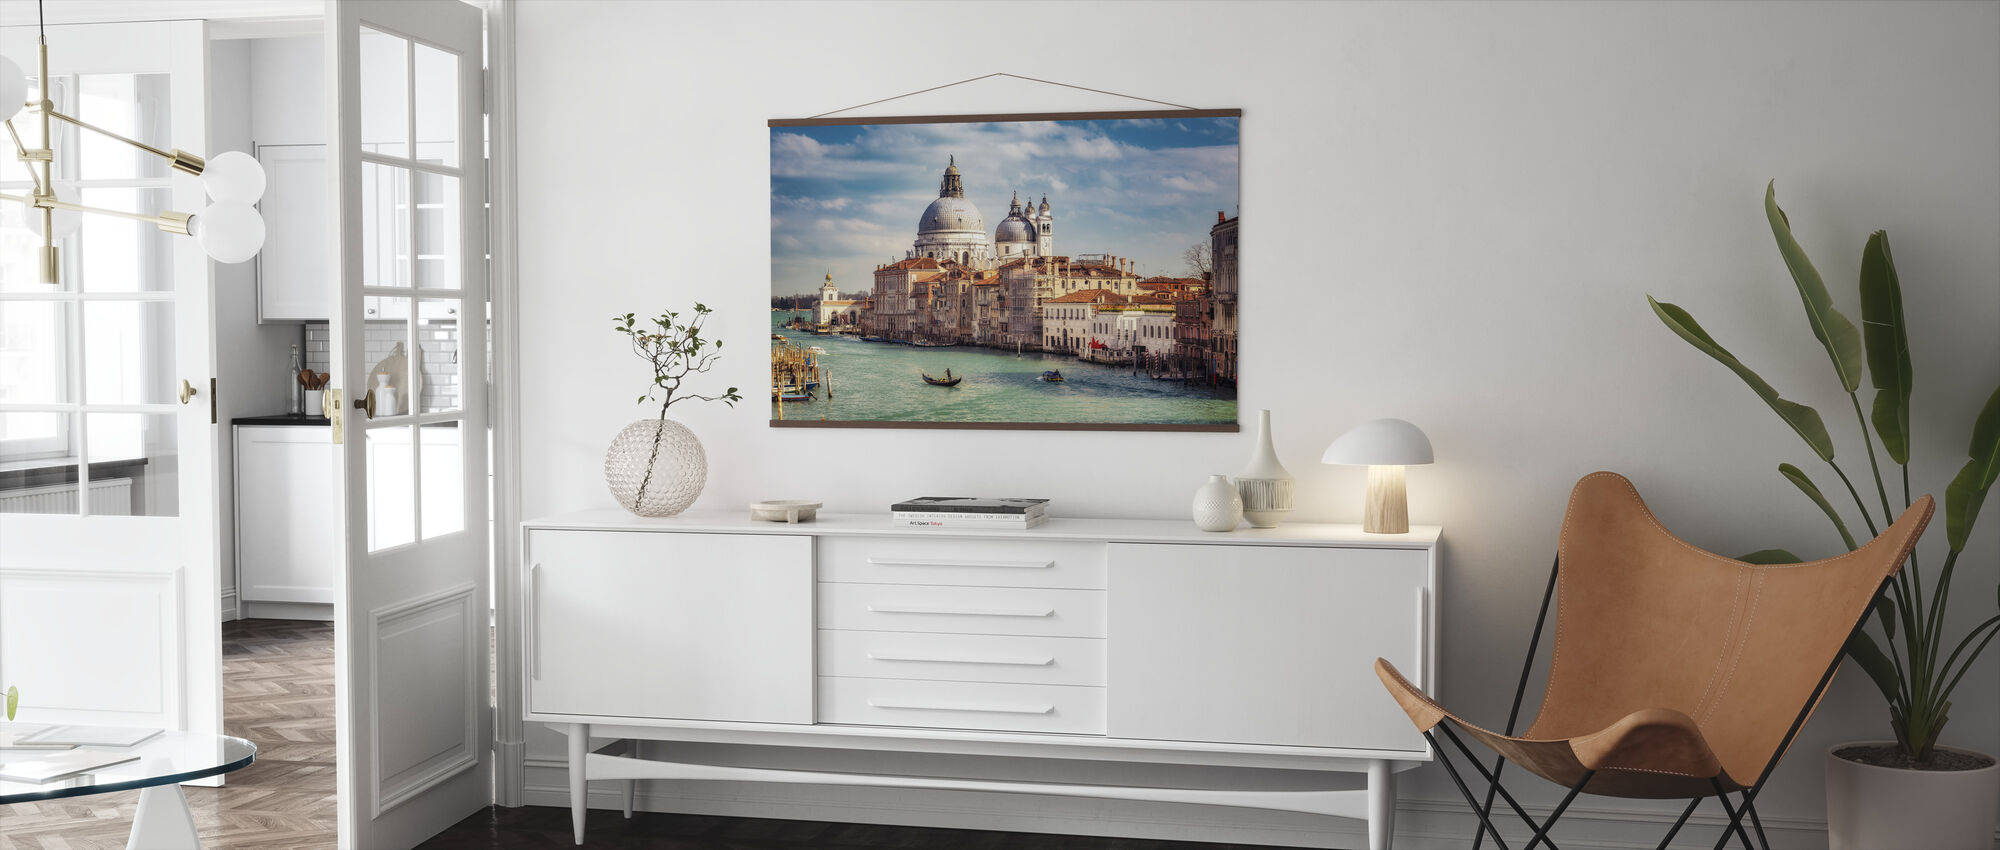 Santa Maria della Salute i Venedig - Plakat - Stue